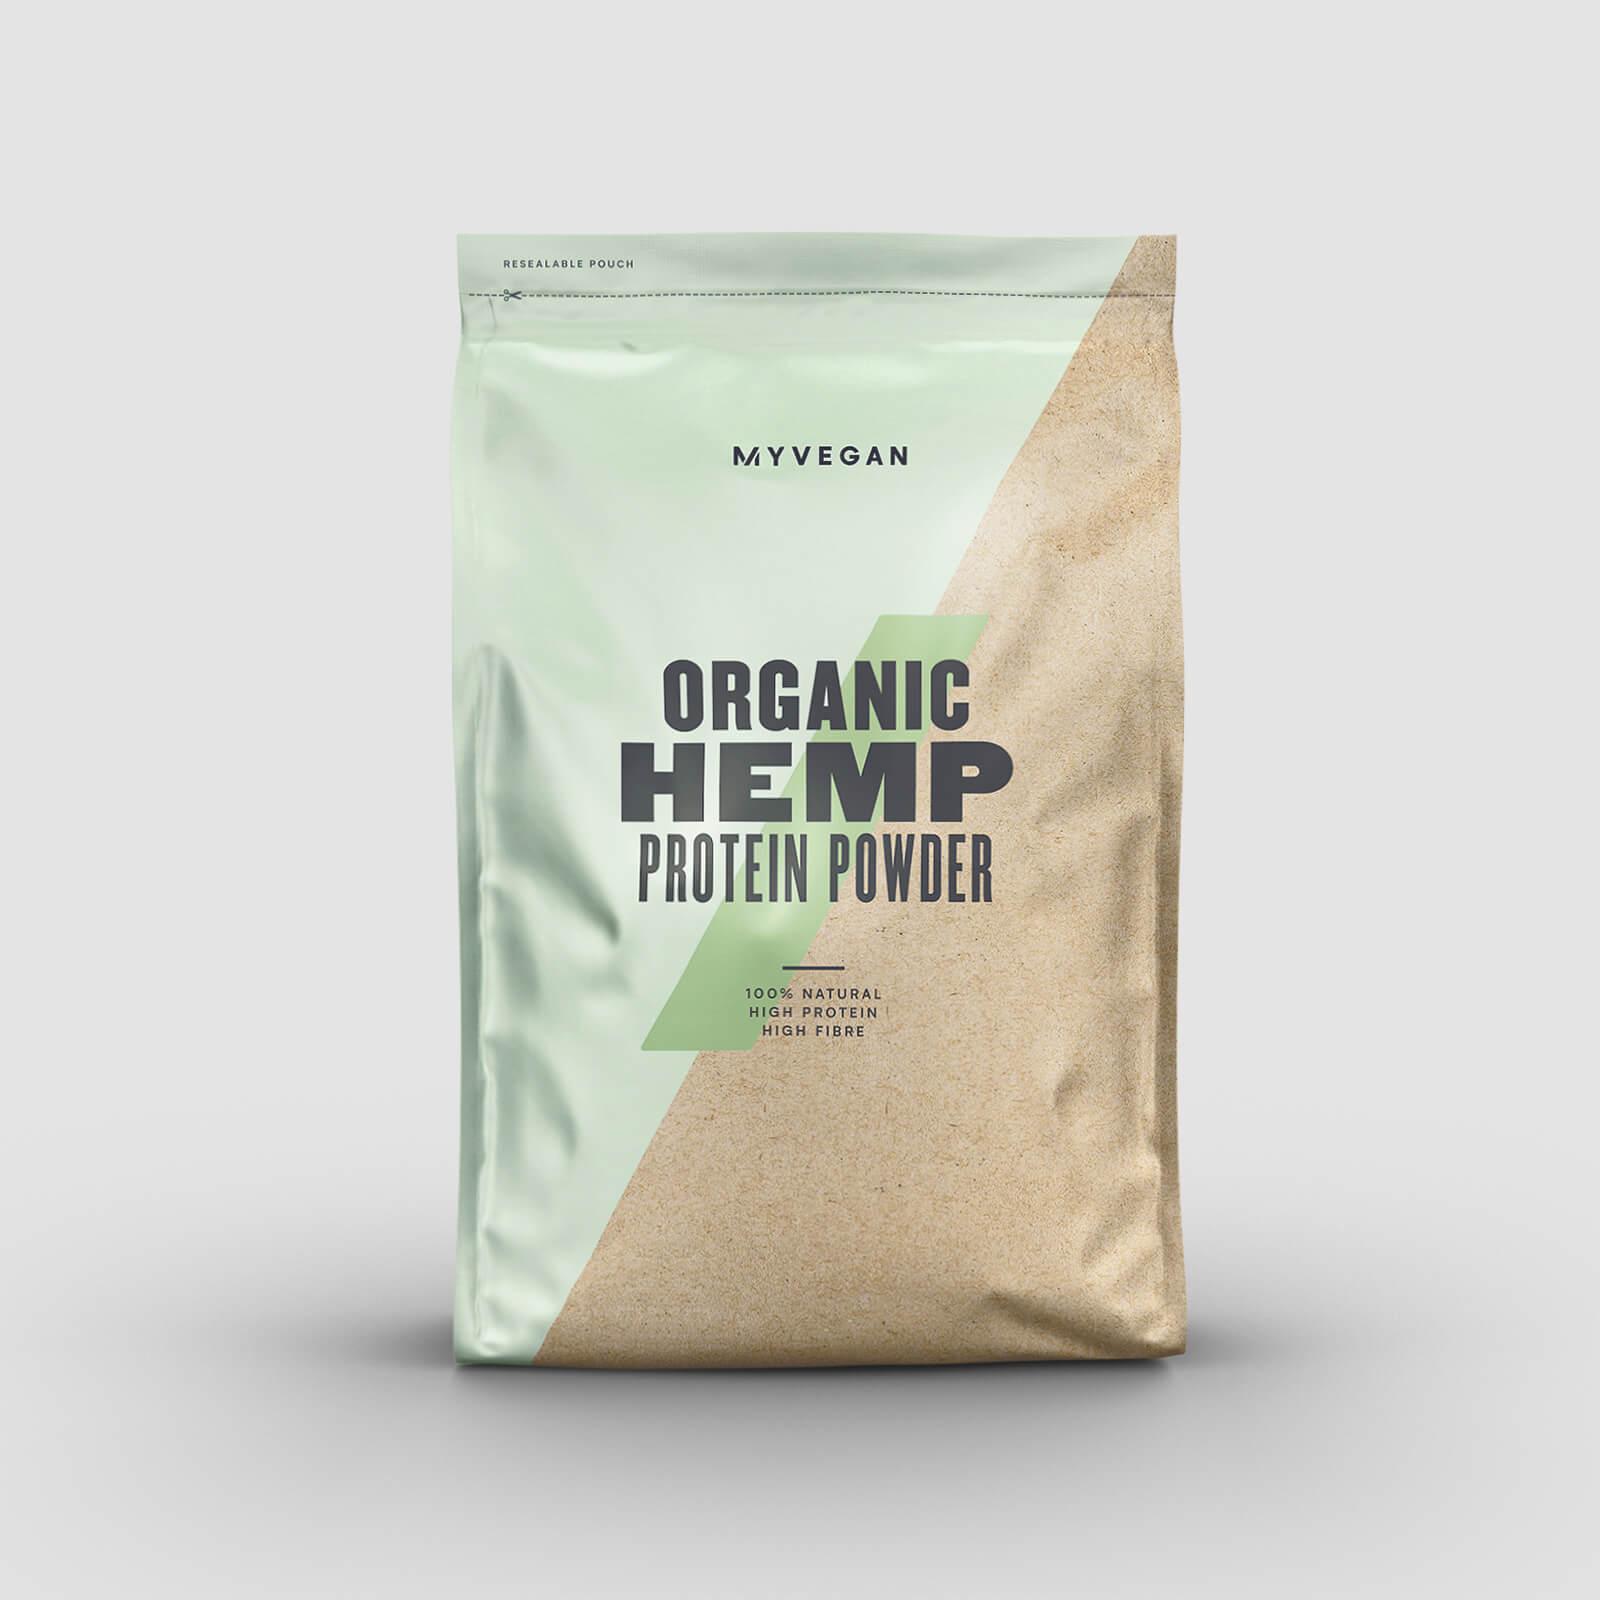 Protéine de chanvre bio - 300g - Sans arôme ajouté